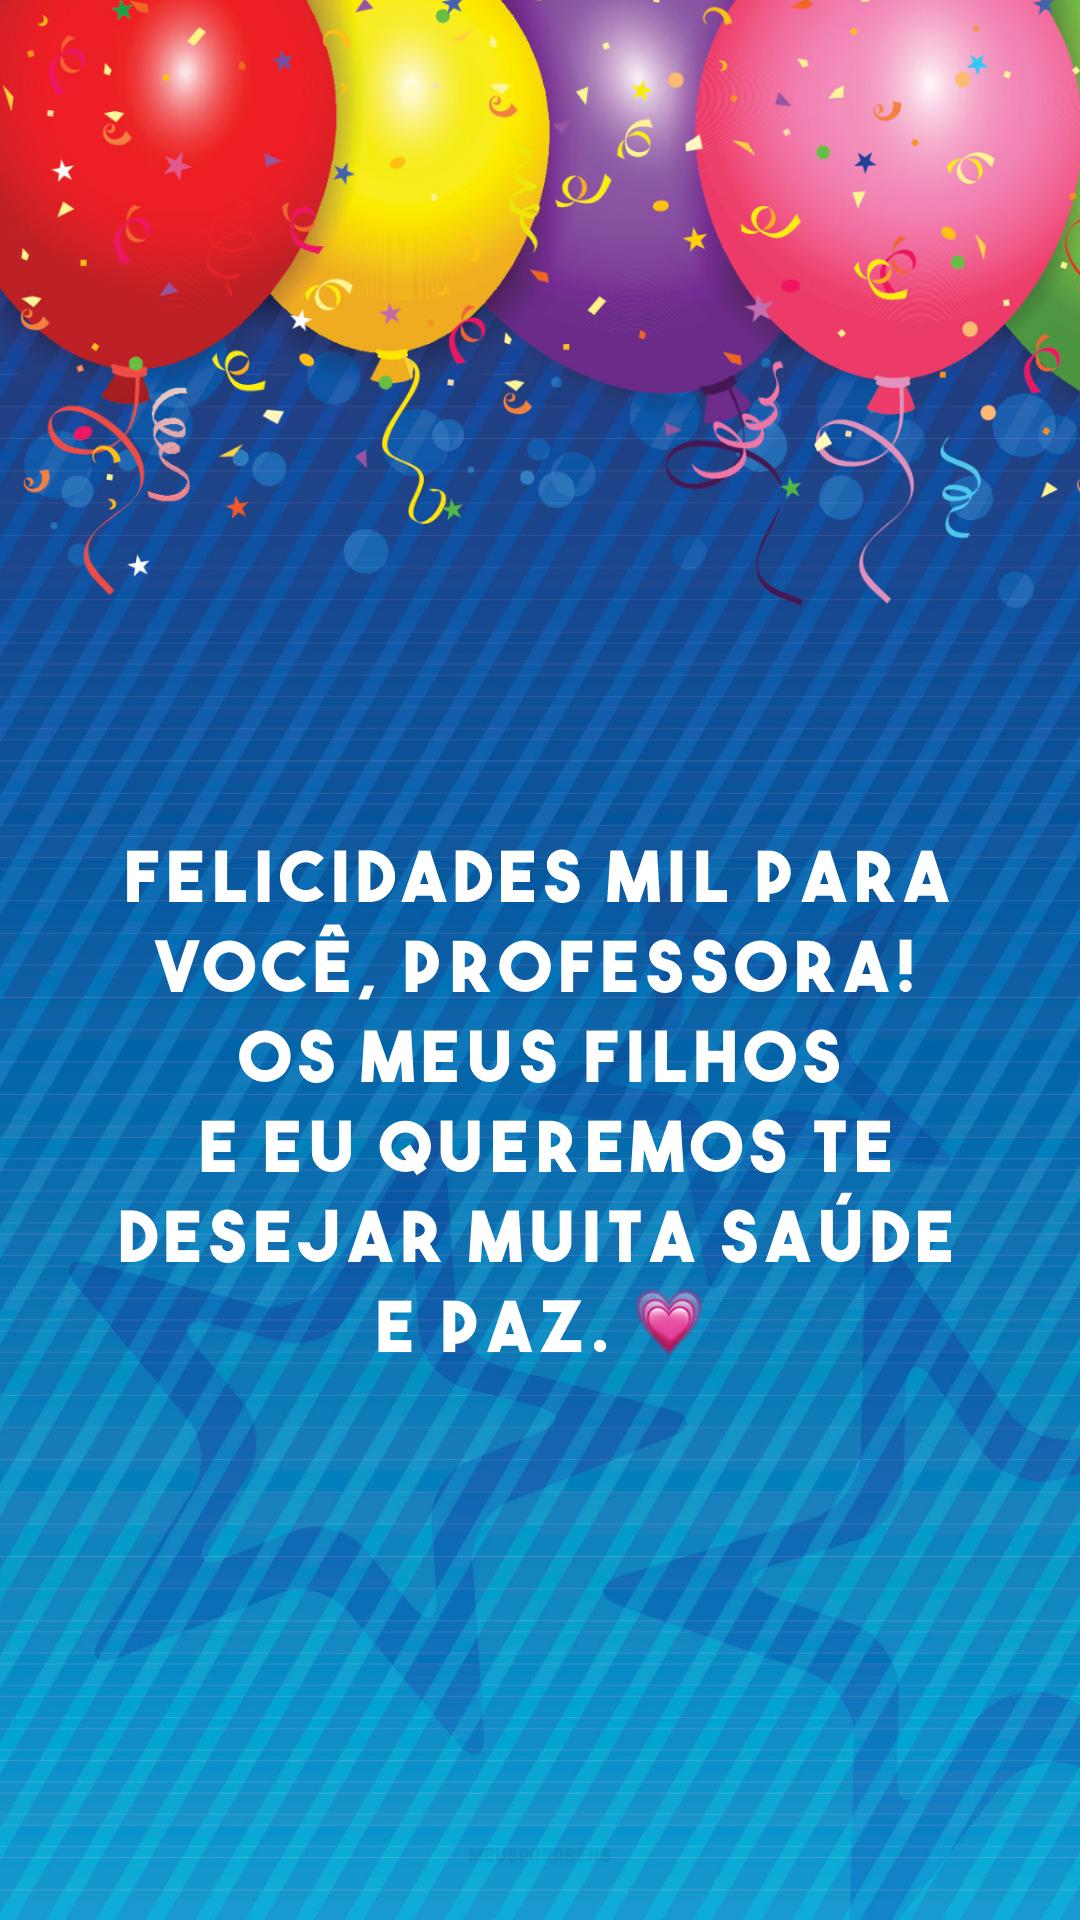 Felicidades mil para você, professora! Os meus filhos e eu queremos te desejar muita saúde e paz. 💗